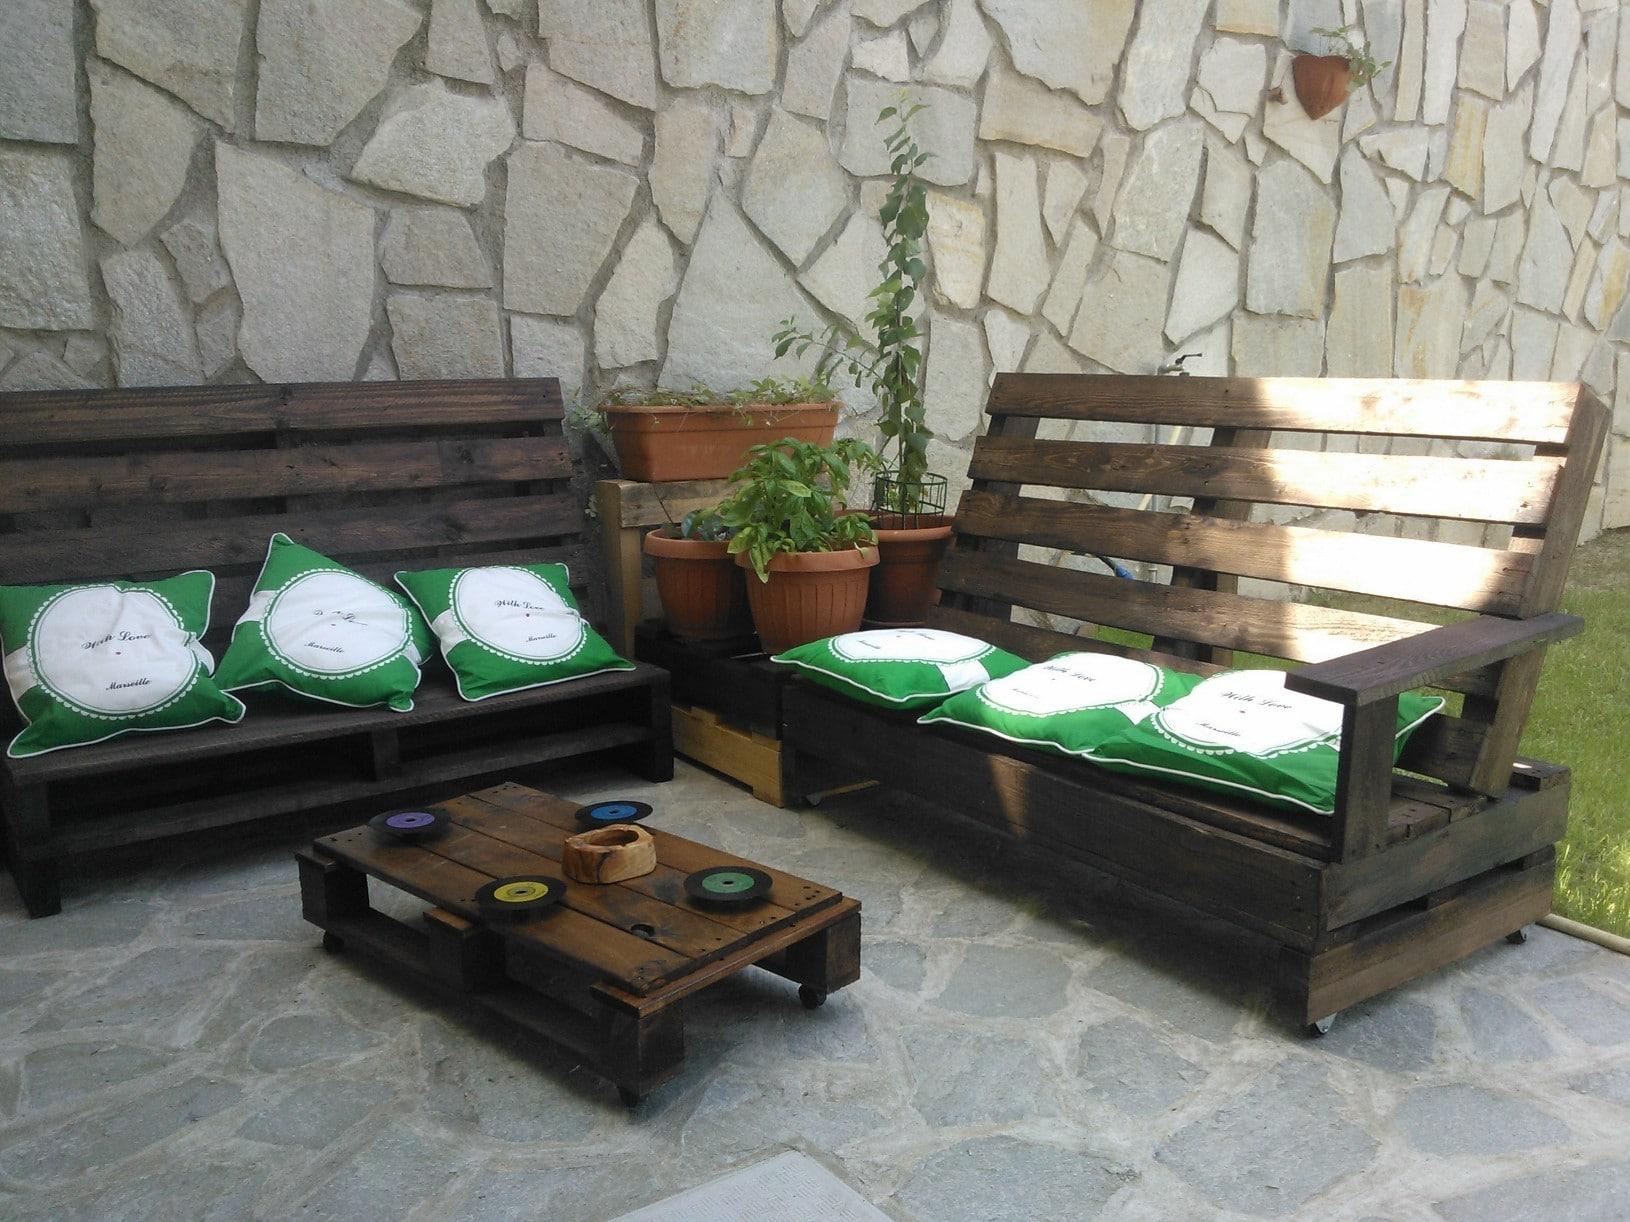 Mobili Da Giardino Con Pallet arredo da giardino, idee sostenibili e low cost - scegliere